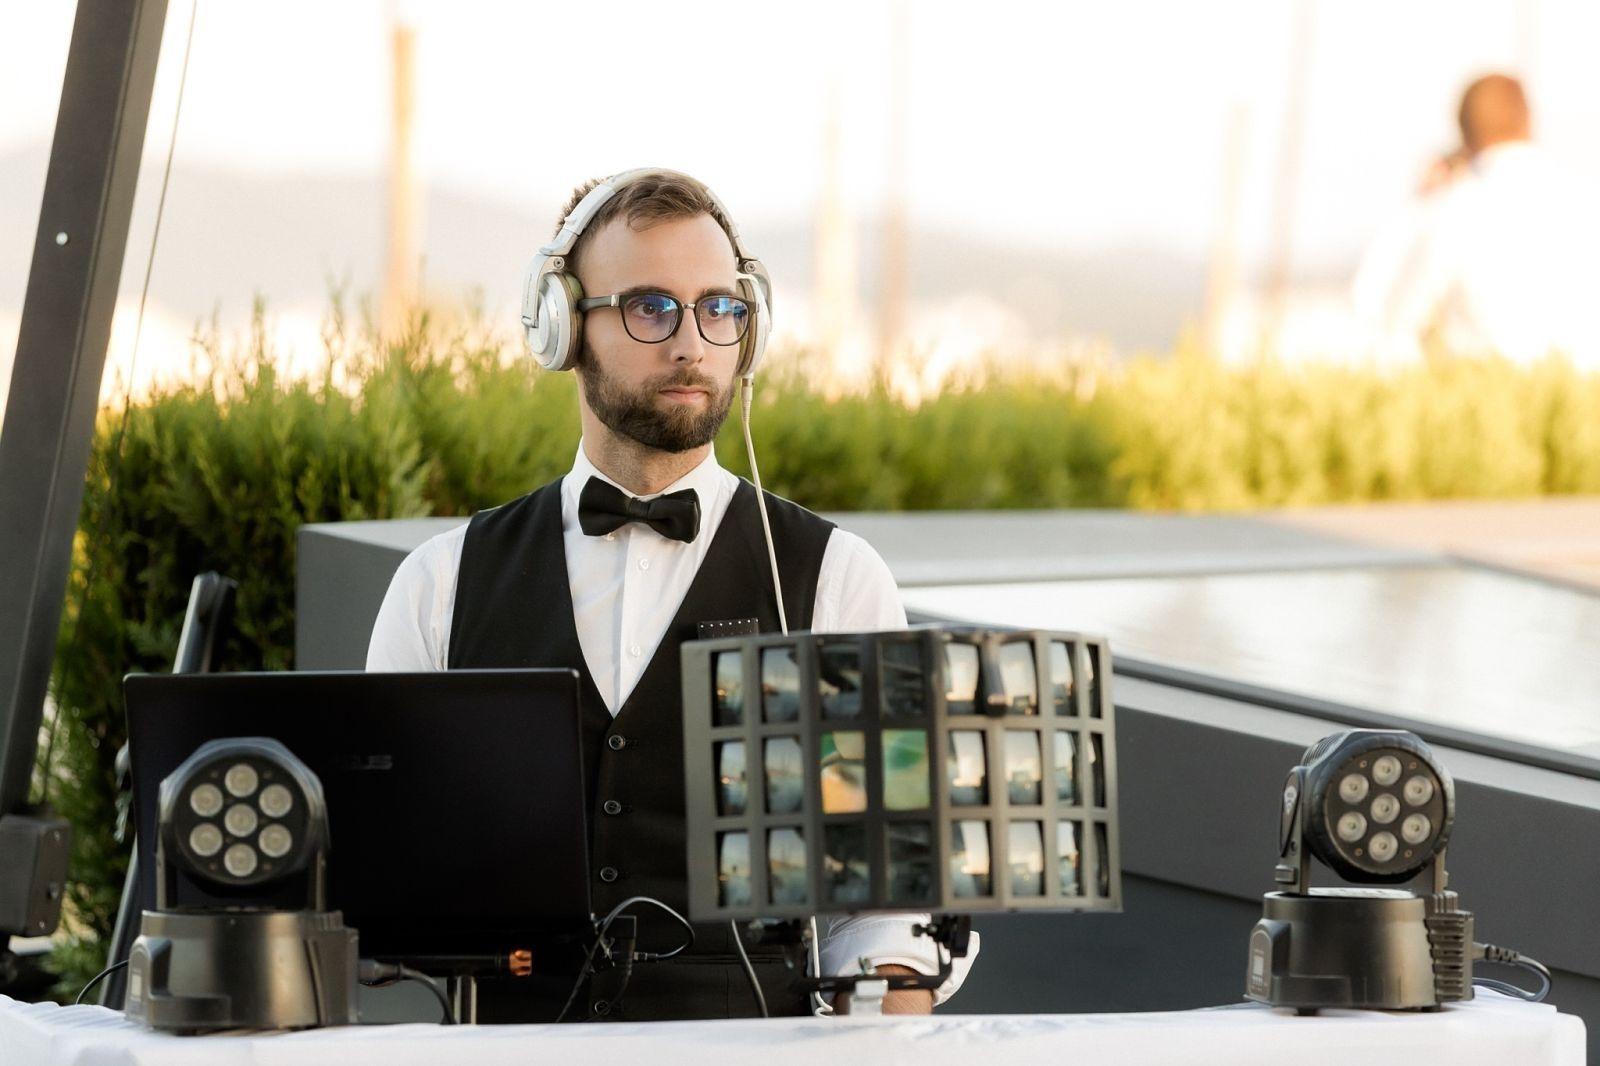 Letni dogodek Skupine A.B.S. 2019 DJ glasba ob mreženju